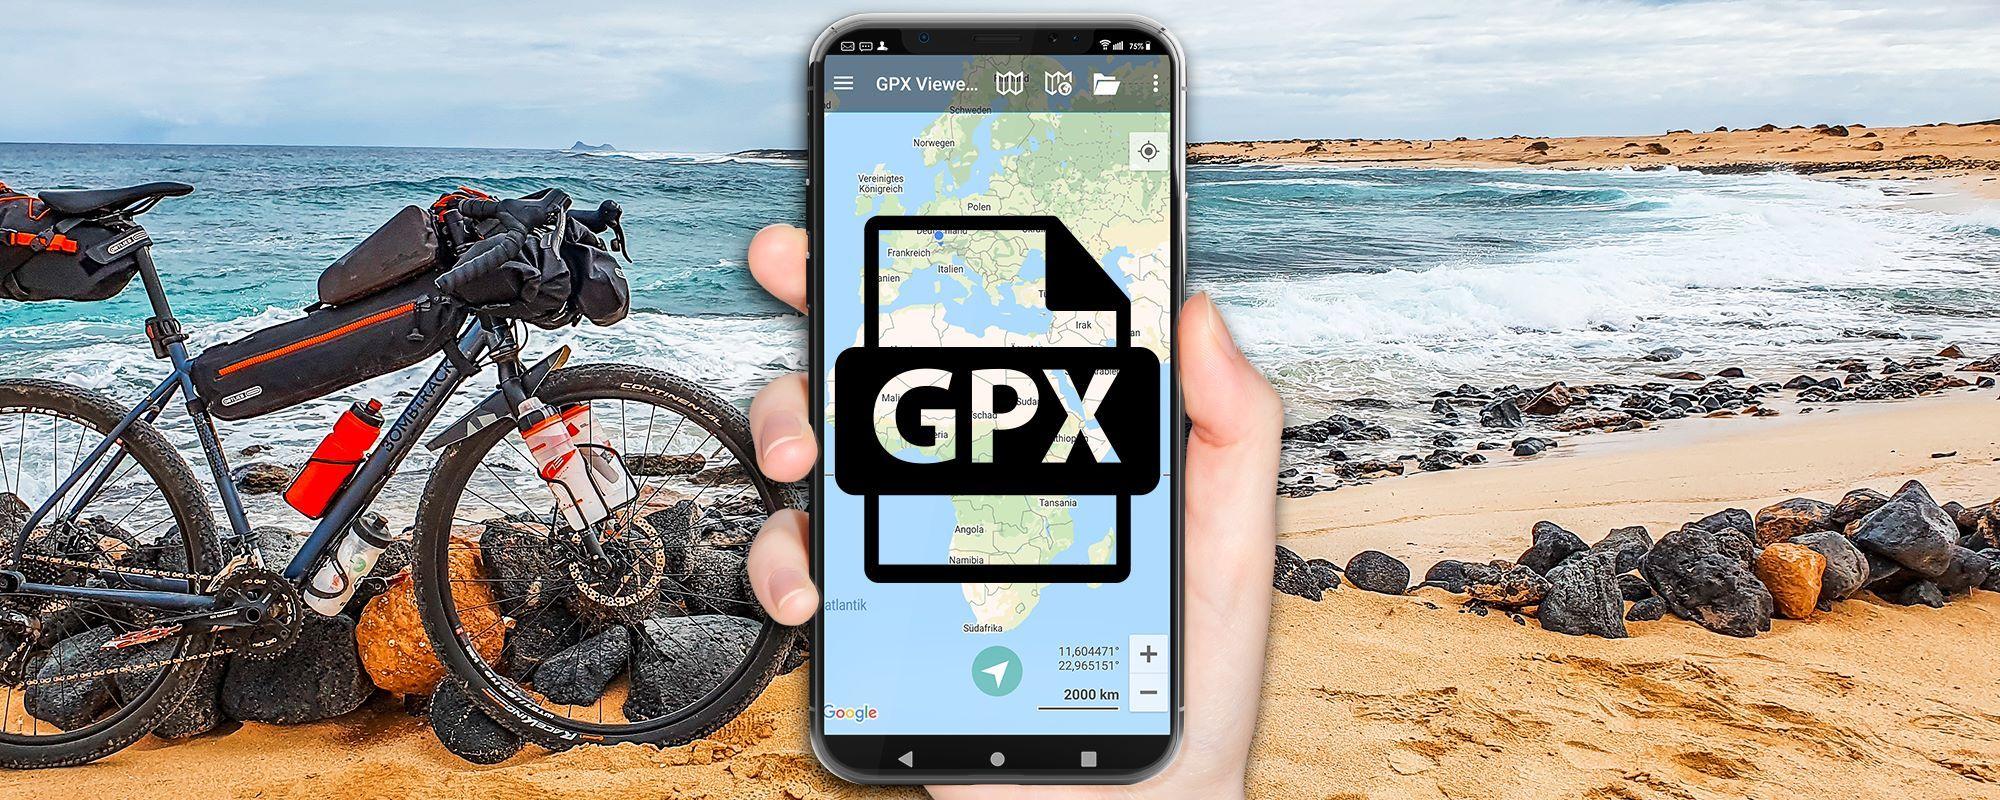 GPX Datei: Öffnen & navigieren mit Android - 3 Apps mit denen es sofort funktioniert